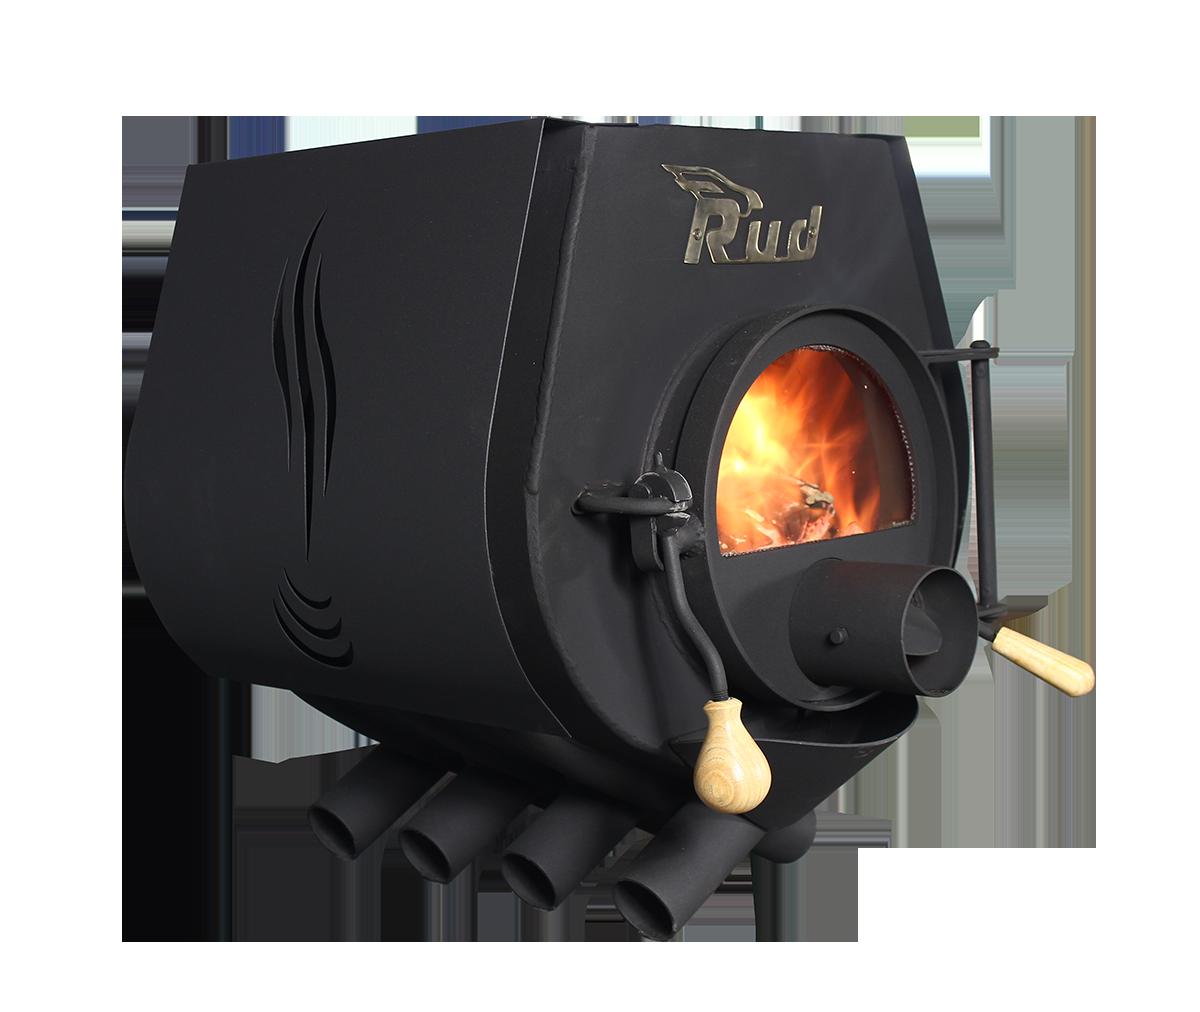 Булерьян, отопительная печь Rud Pyrotron Кантри 03 с варочной поверхностью Стекло в дверце печи